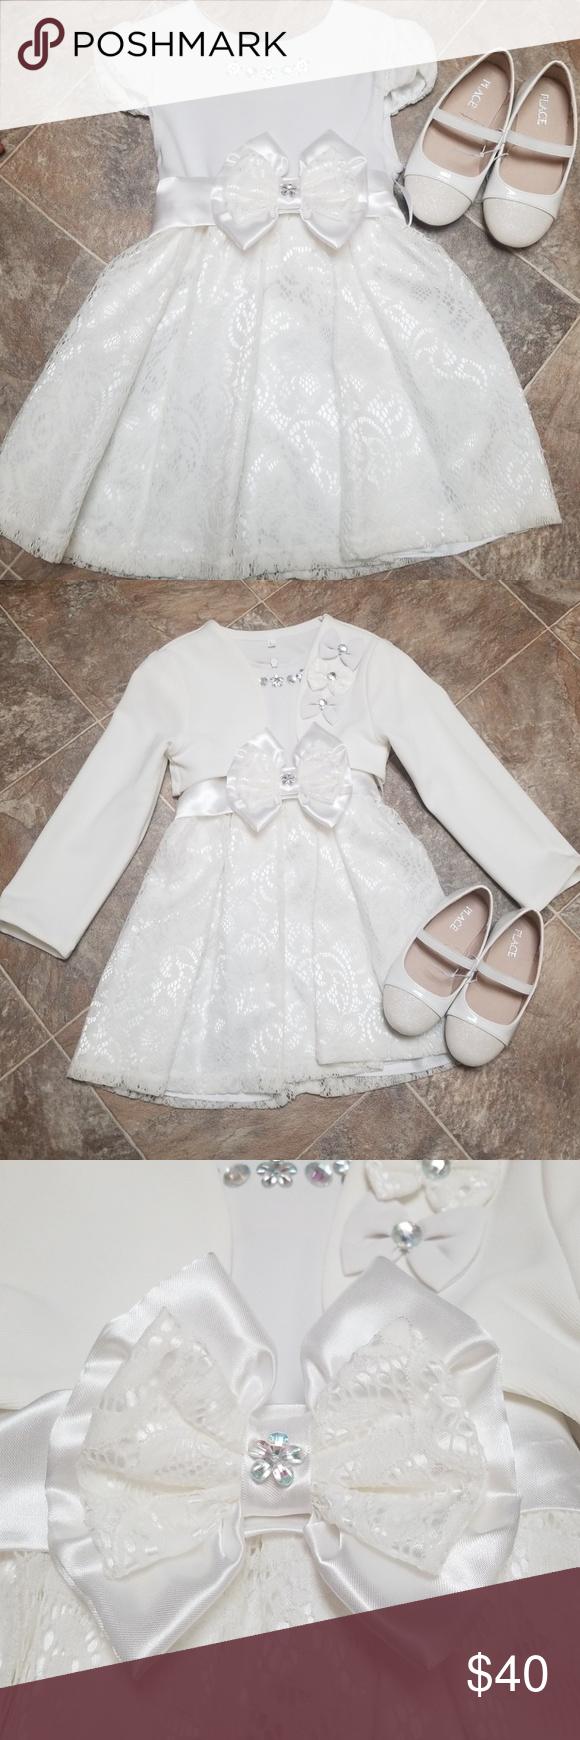 White Girls Dress Girls White Dress Girls Dresses Clothes Design [ 1740 x 580 Pixel ]